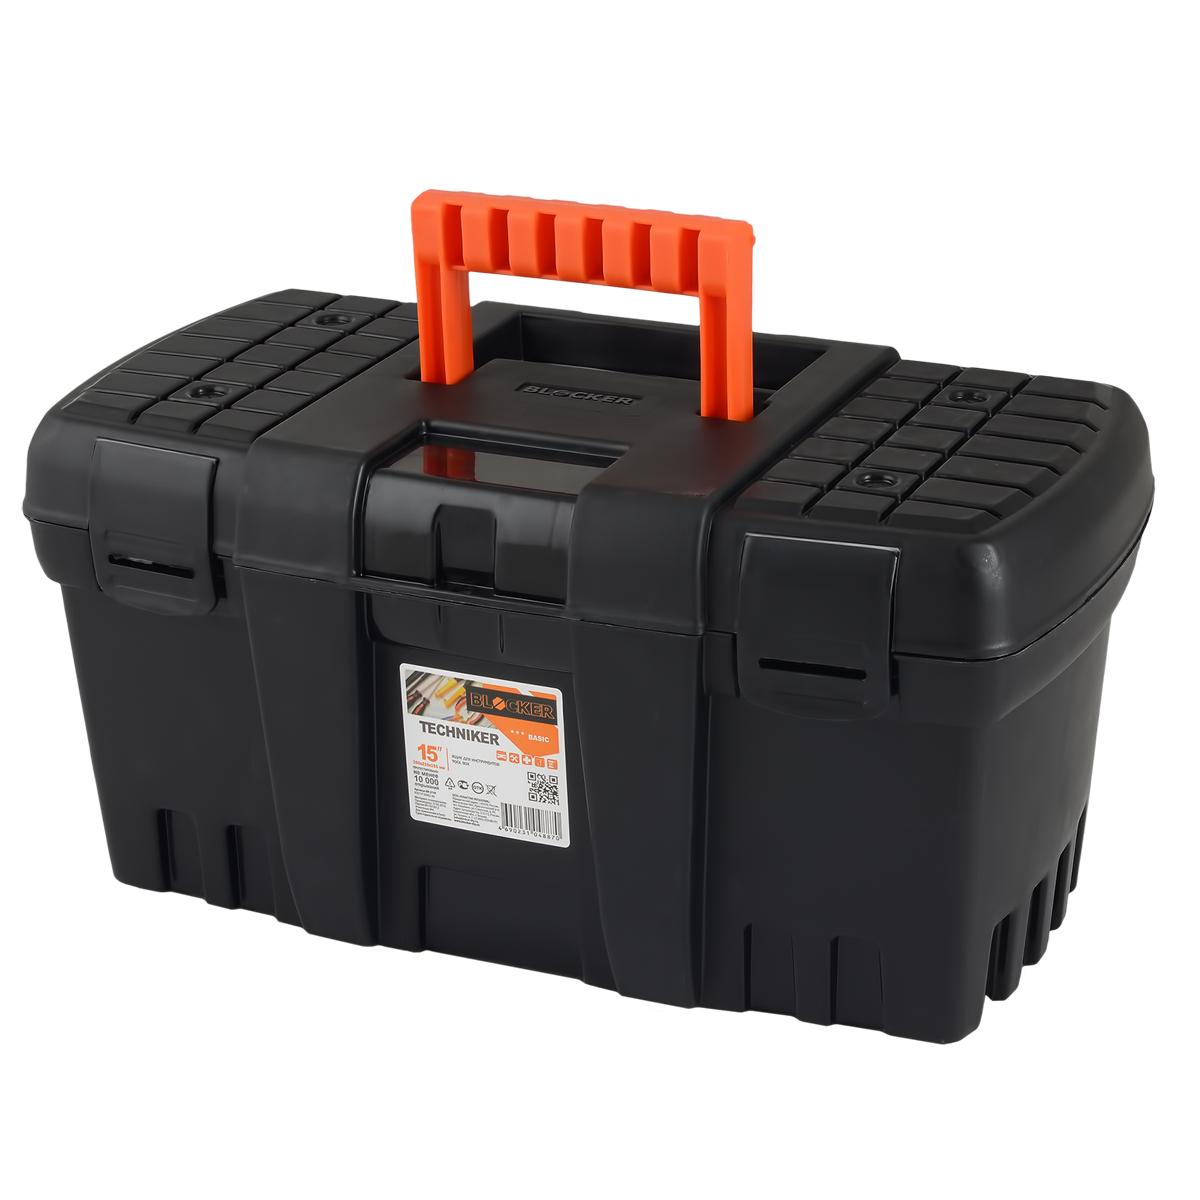 Ящик для инструментов Blocker Techniker, цвет: черный, 460 х 250 х 233 ммBR3748ЧРЯщик Blocker Techniker отлично подходит для организации хранения и транспортировки инструментов и принадлежностей к ним в автомобиле, на даче или дома. Петли и замки выполнены единым элементом с корпусом. Не имеет внутреннего лотка. Каждый элемент имеет ресурс 10 000 изгибов, что позволяет интенсивно эксплуатировать продукт несколько лет.